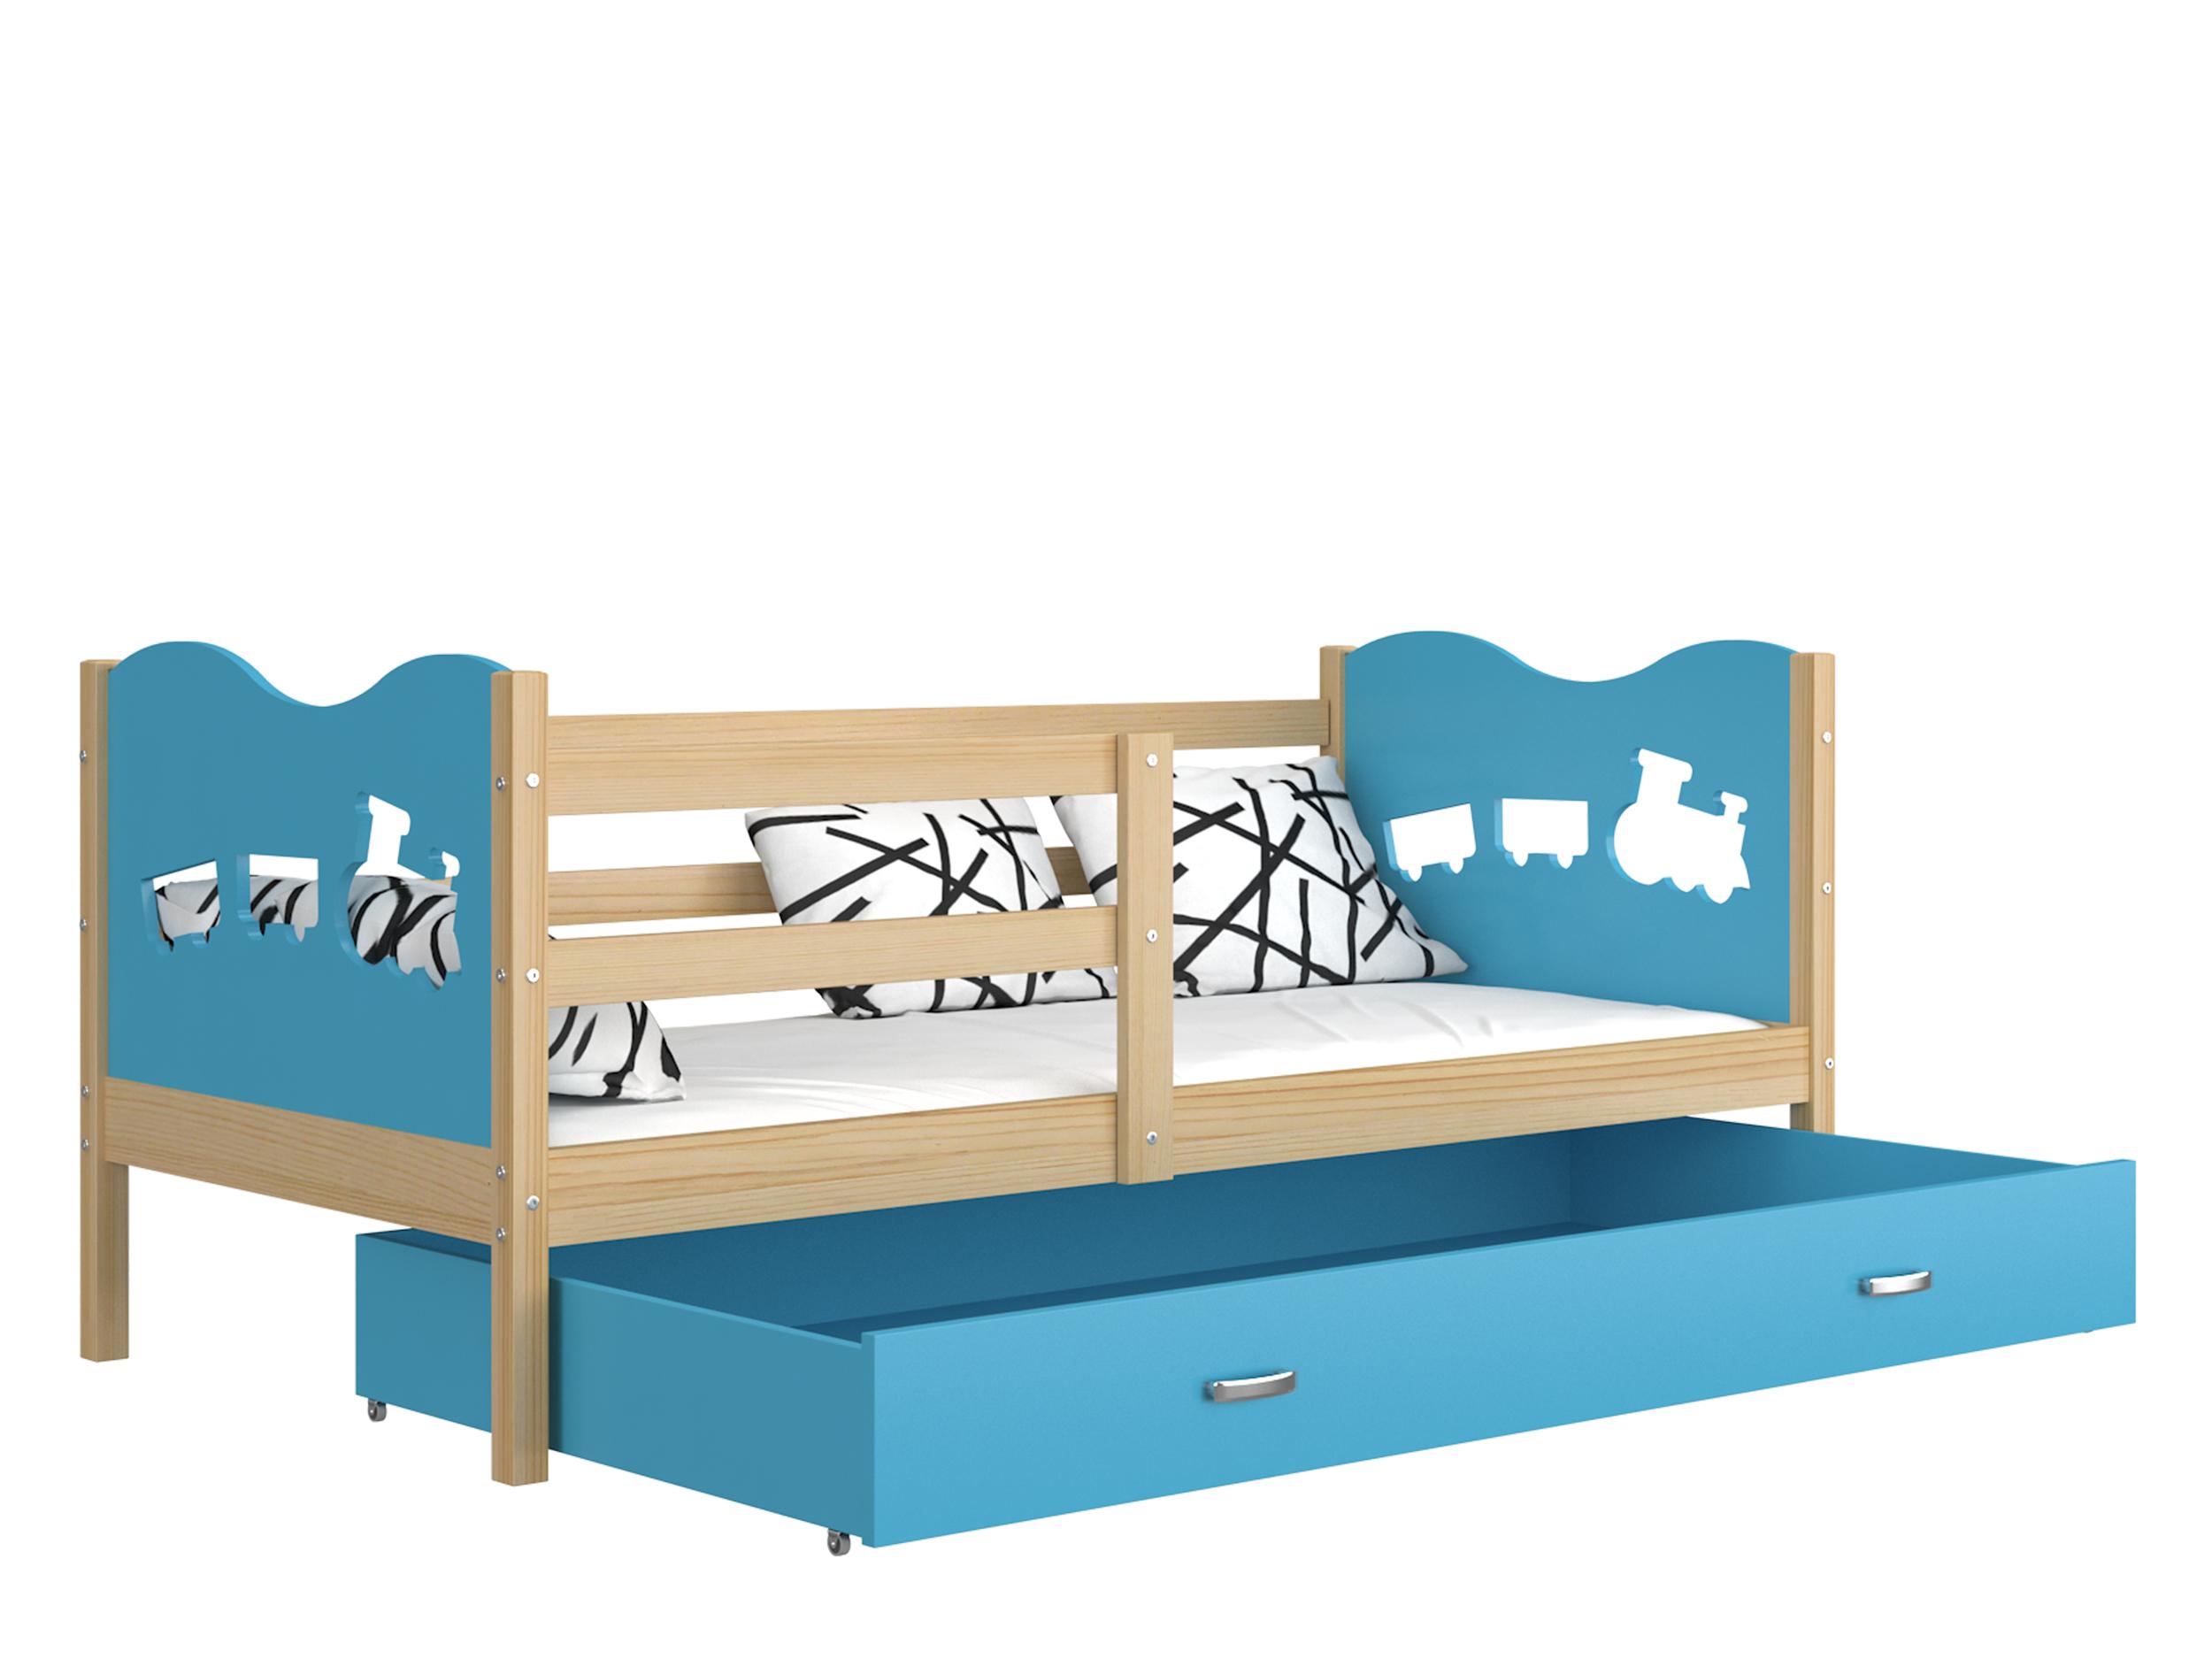 ArtAJ Detská posteľ MAX P drevo / MDF 200 x 90 cm Farba: Borovica / modrá 200 x 90 cm s matracom